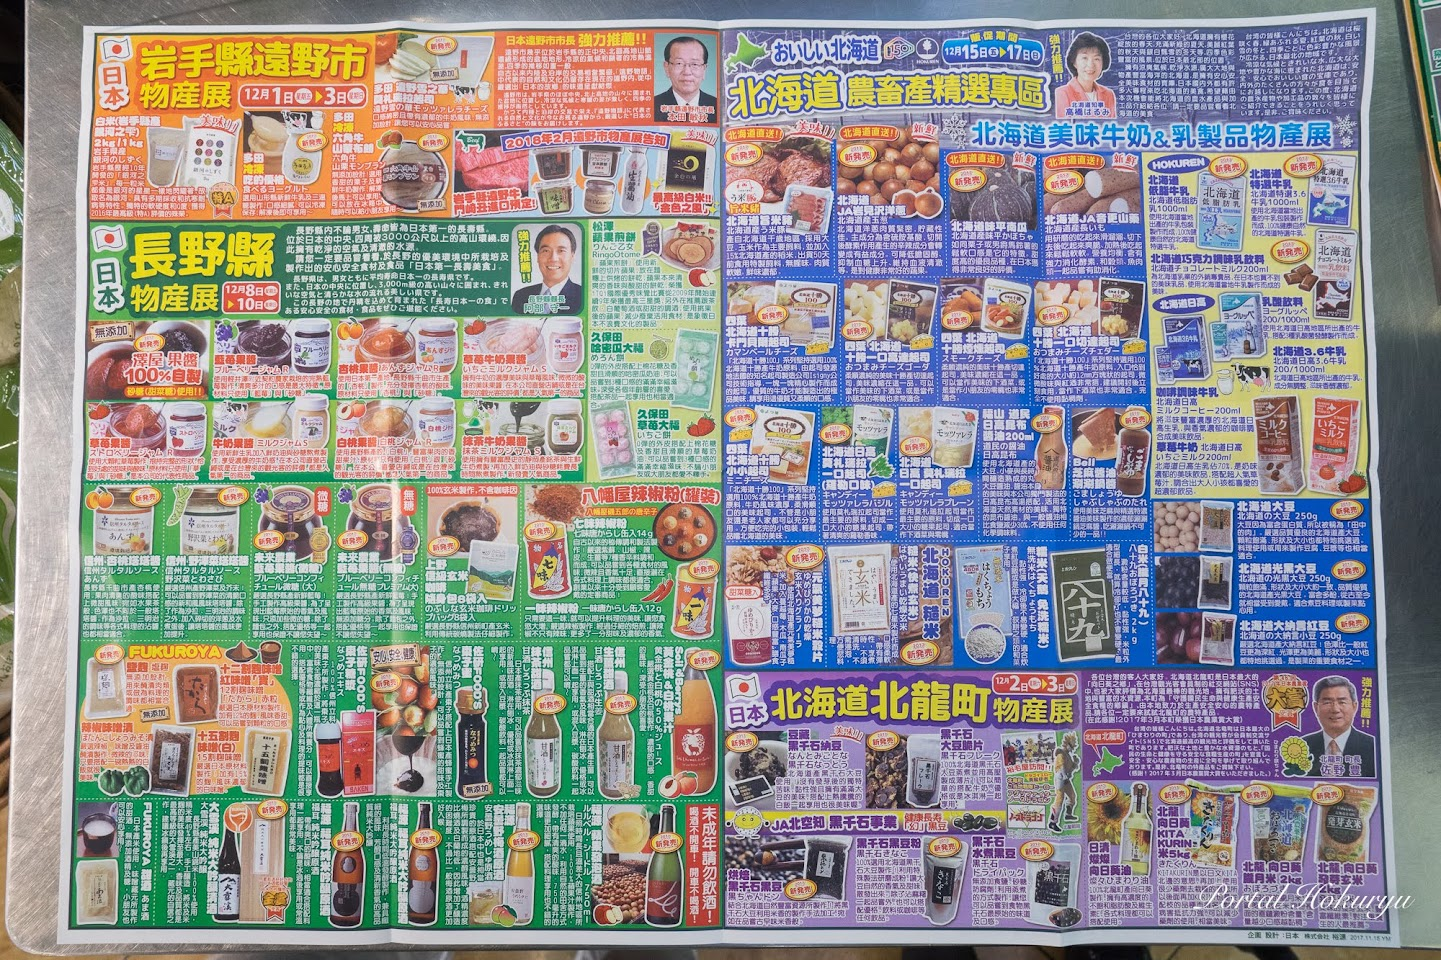 裕毛屋チラシ・日本の物産展:岩手県遠野市、長野県、北海道、北海道北竜町